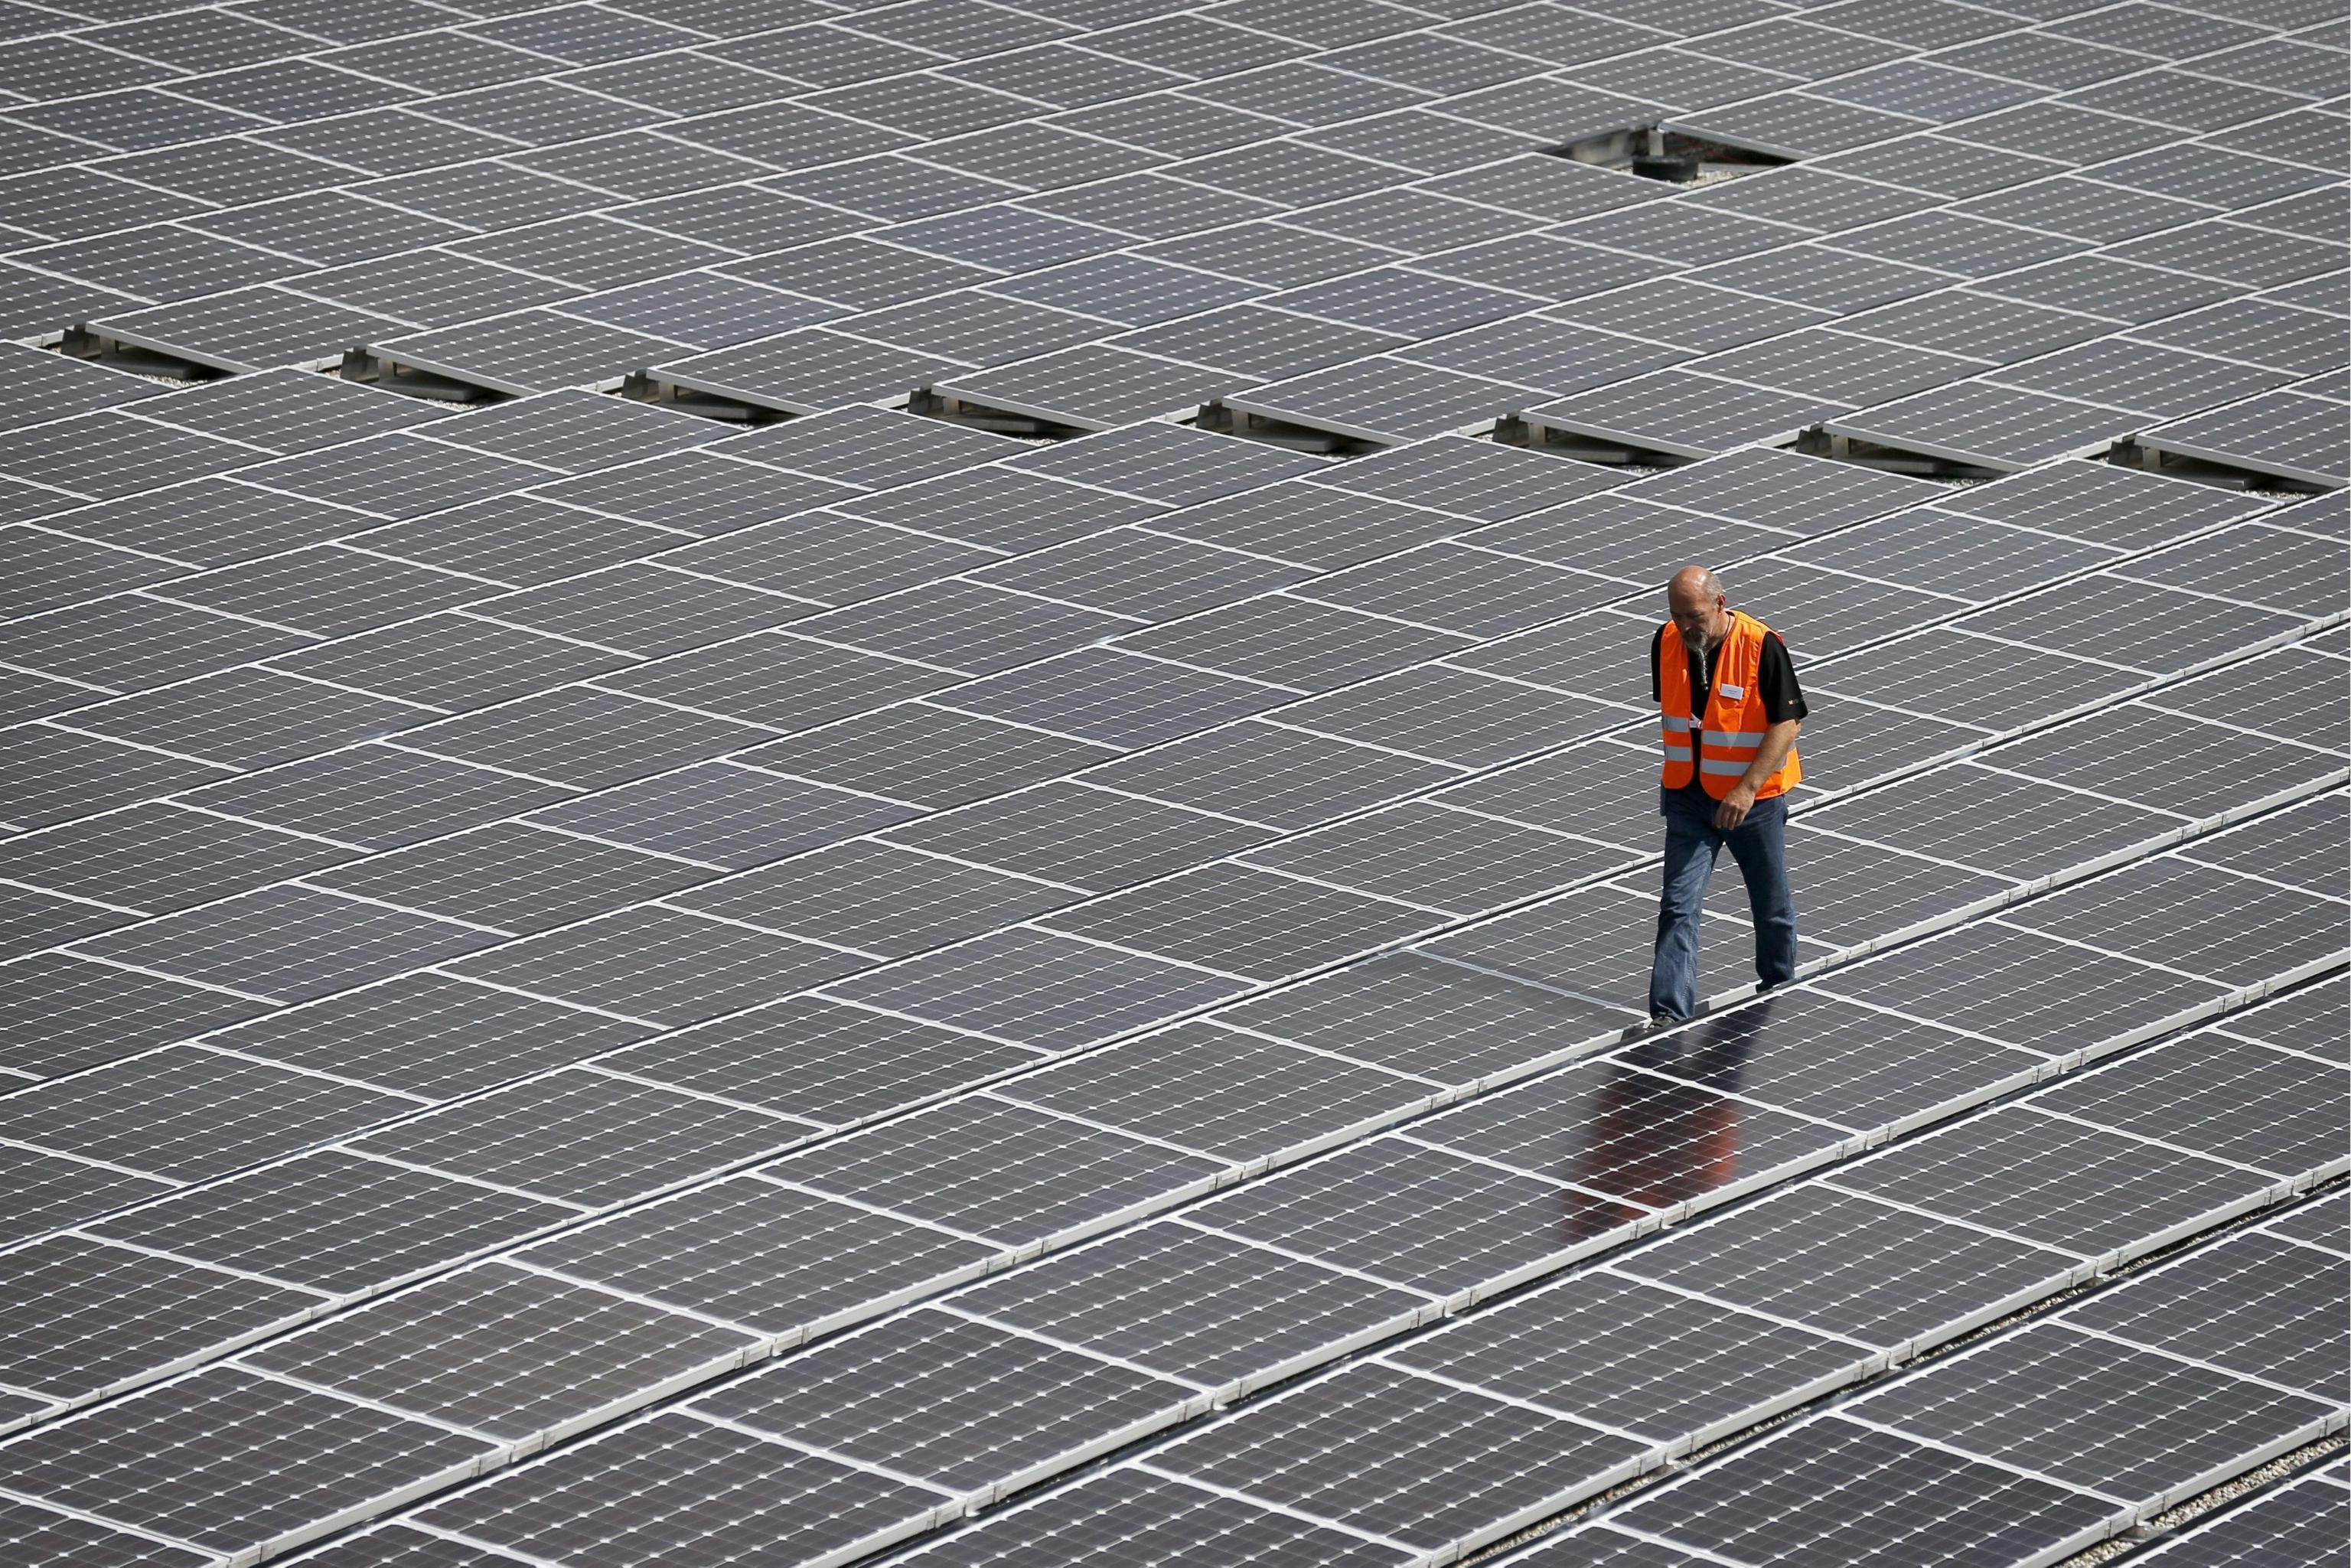 Green Economy, ottenere energia pulita e sostenibile è la sfida per il futuro